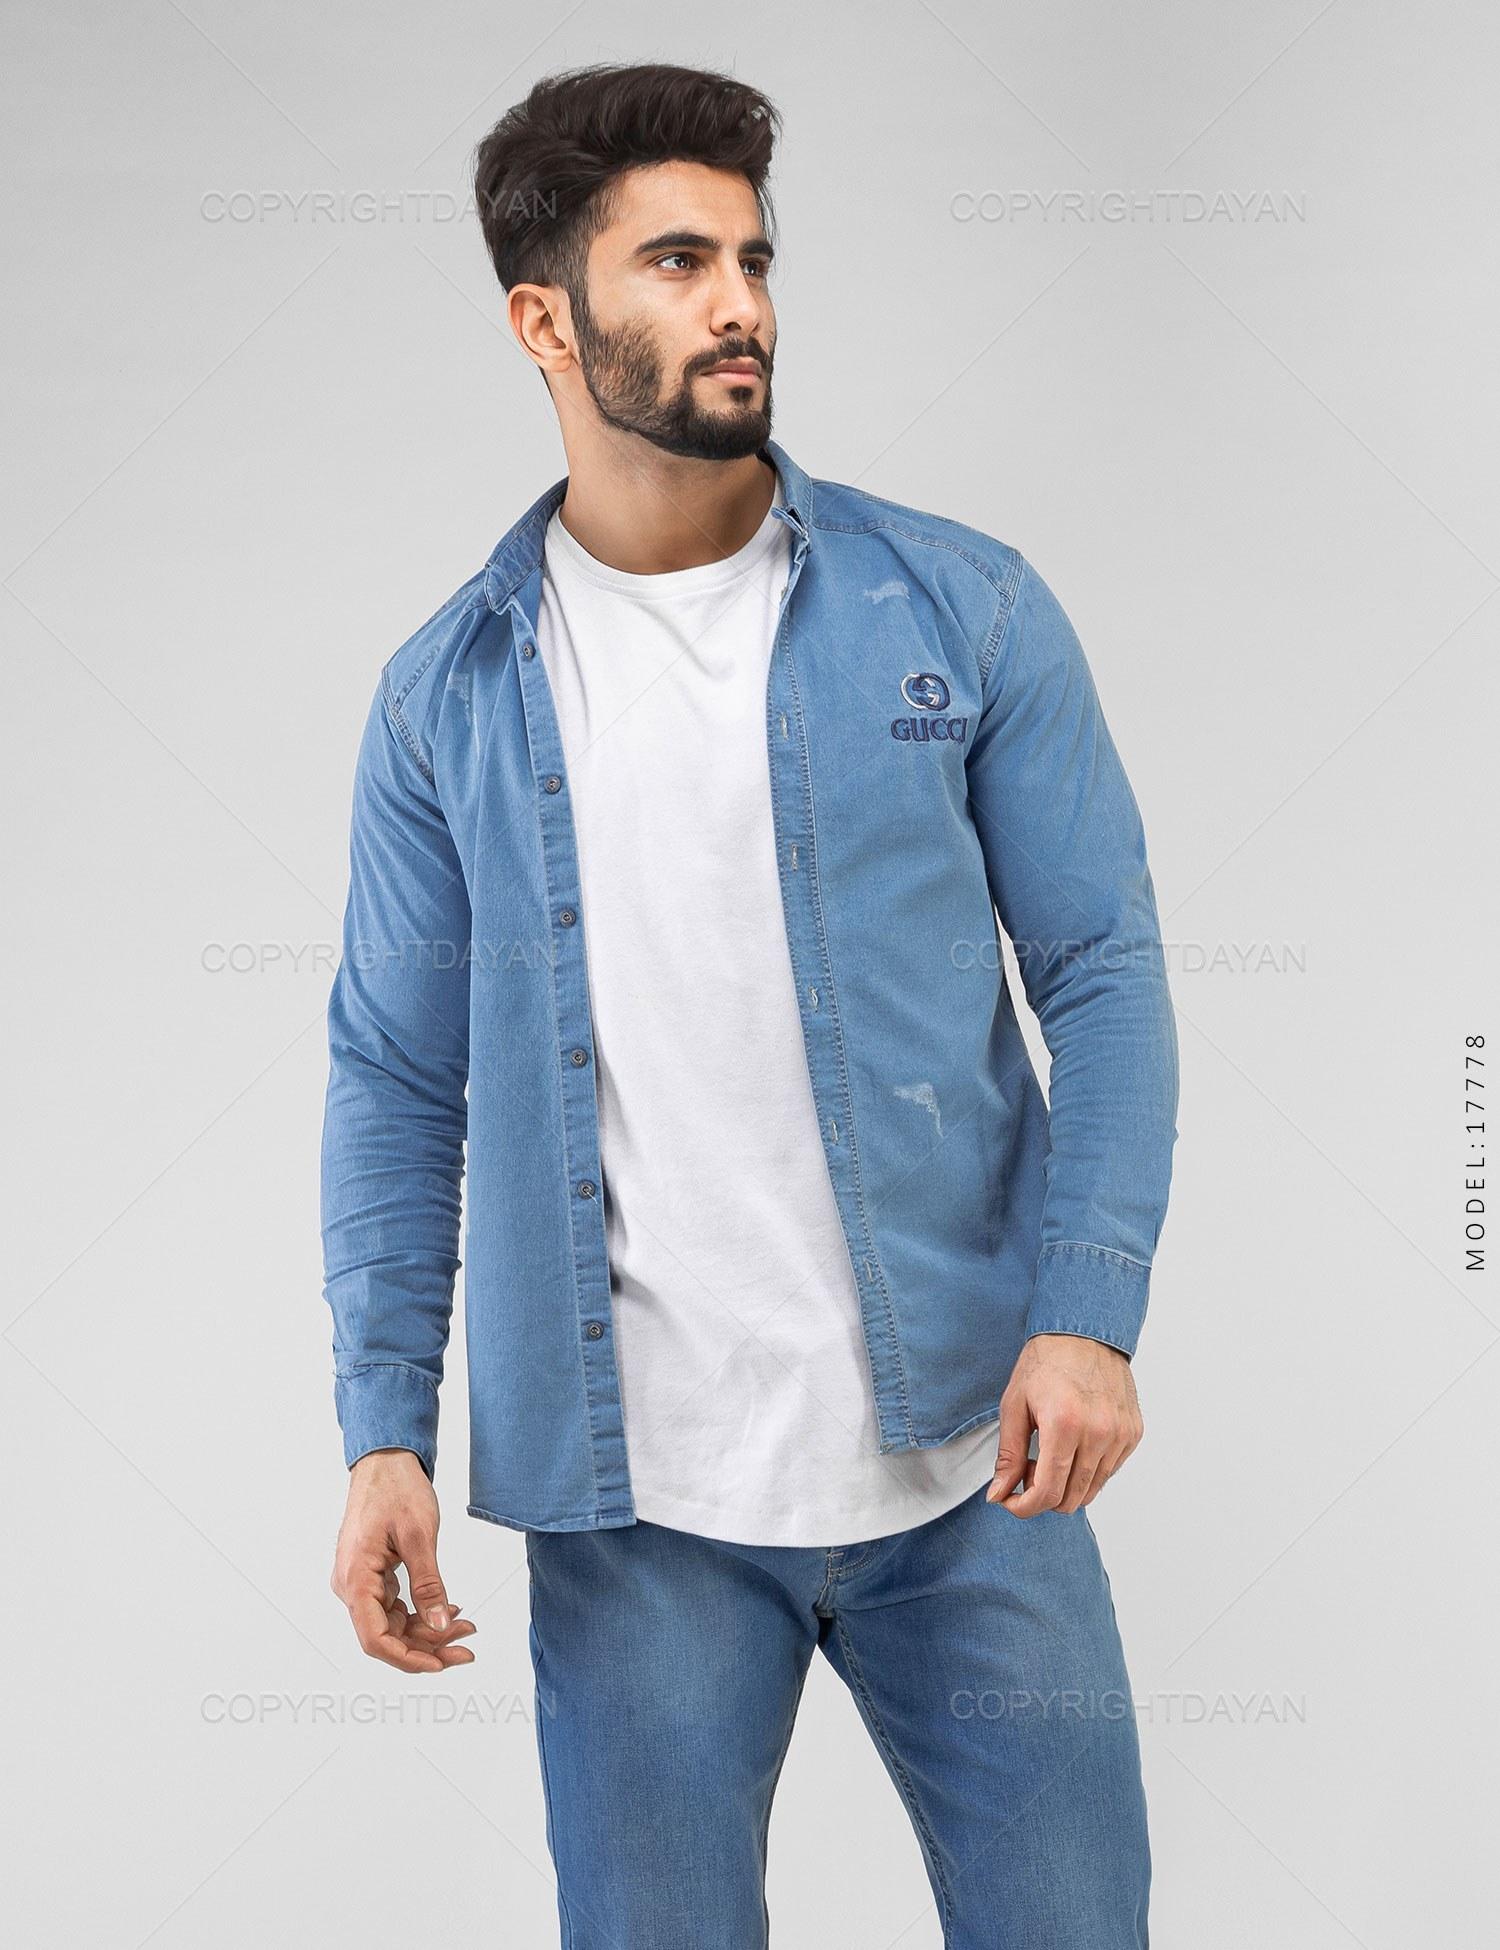 پیراهن مردانه Gucci مدل 17778